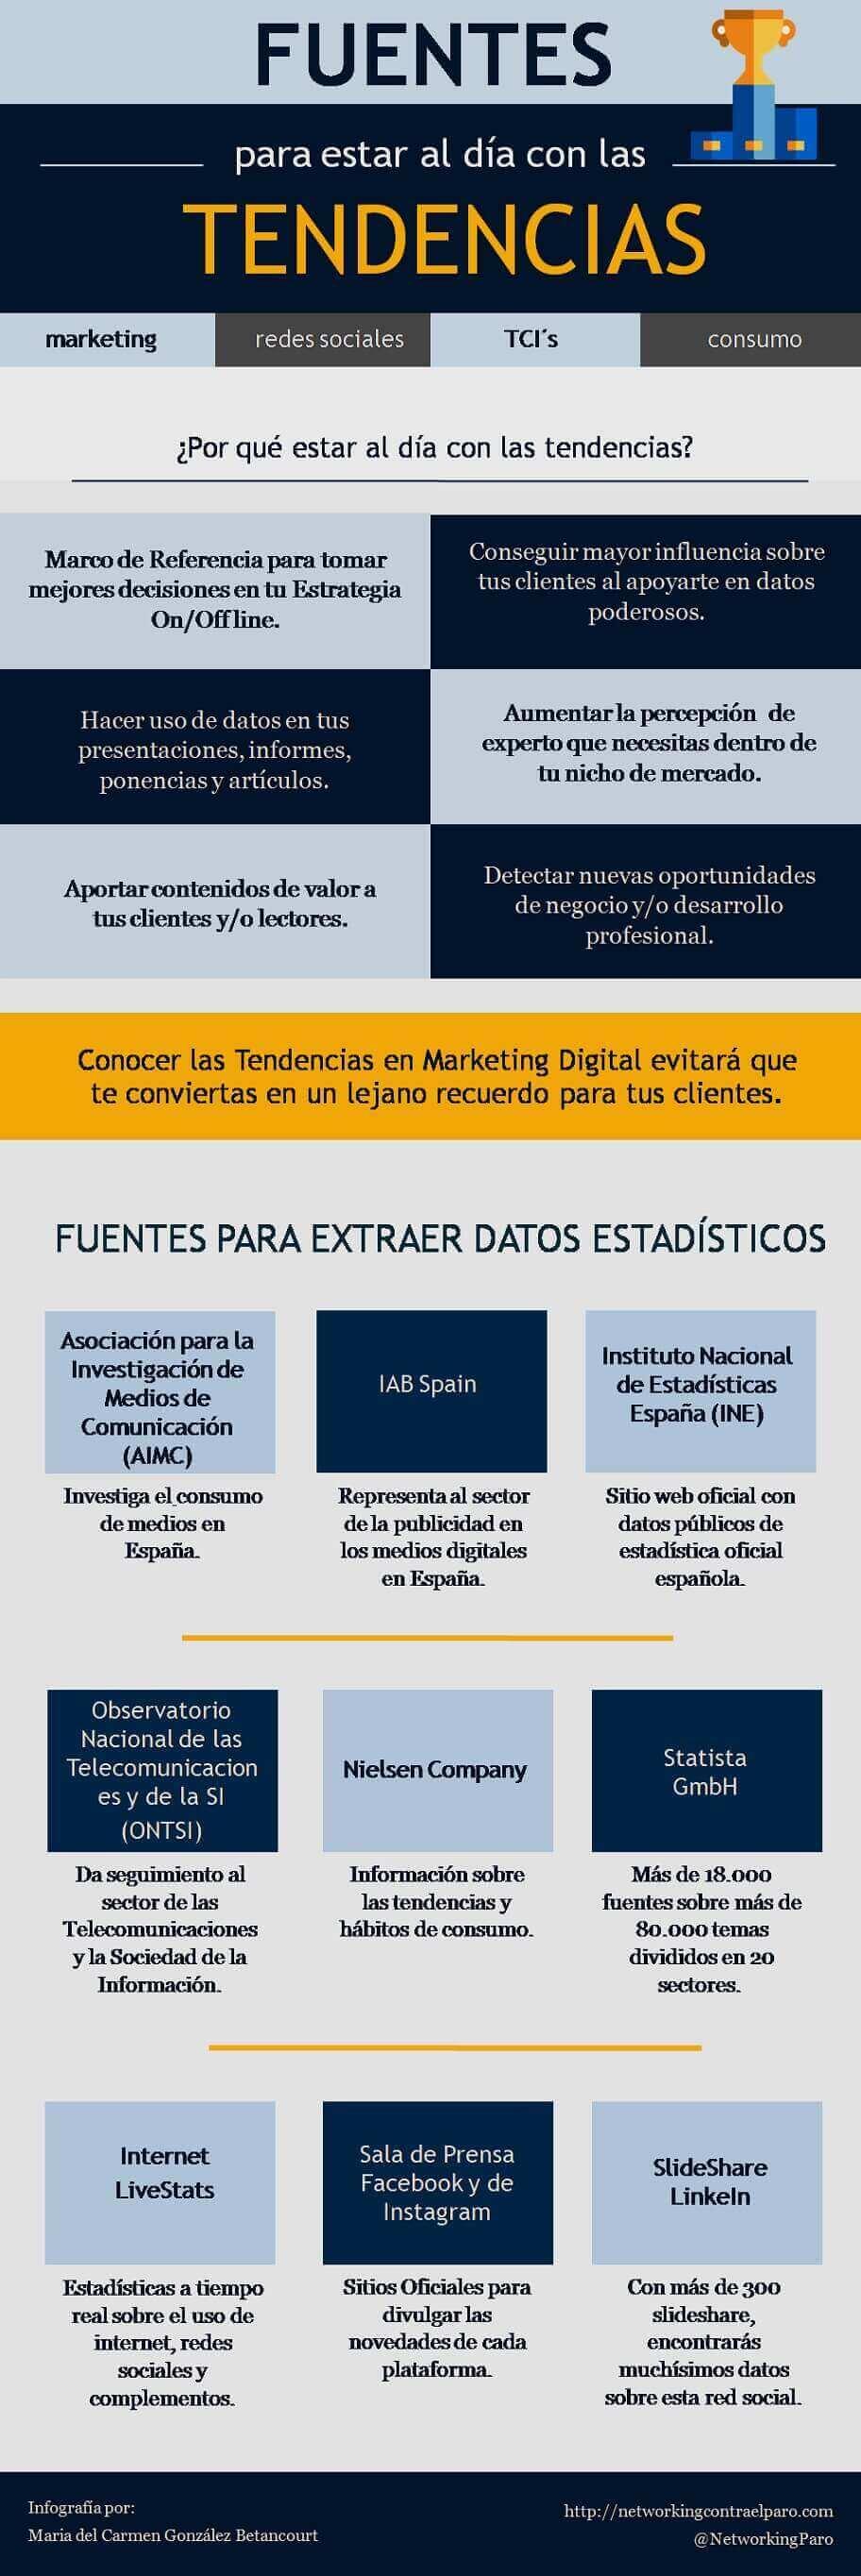 Fuentes para saber tendencias de marketing online